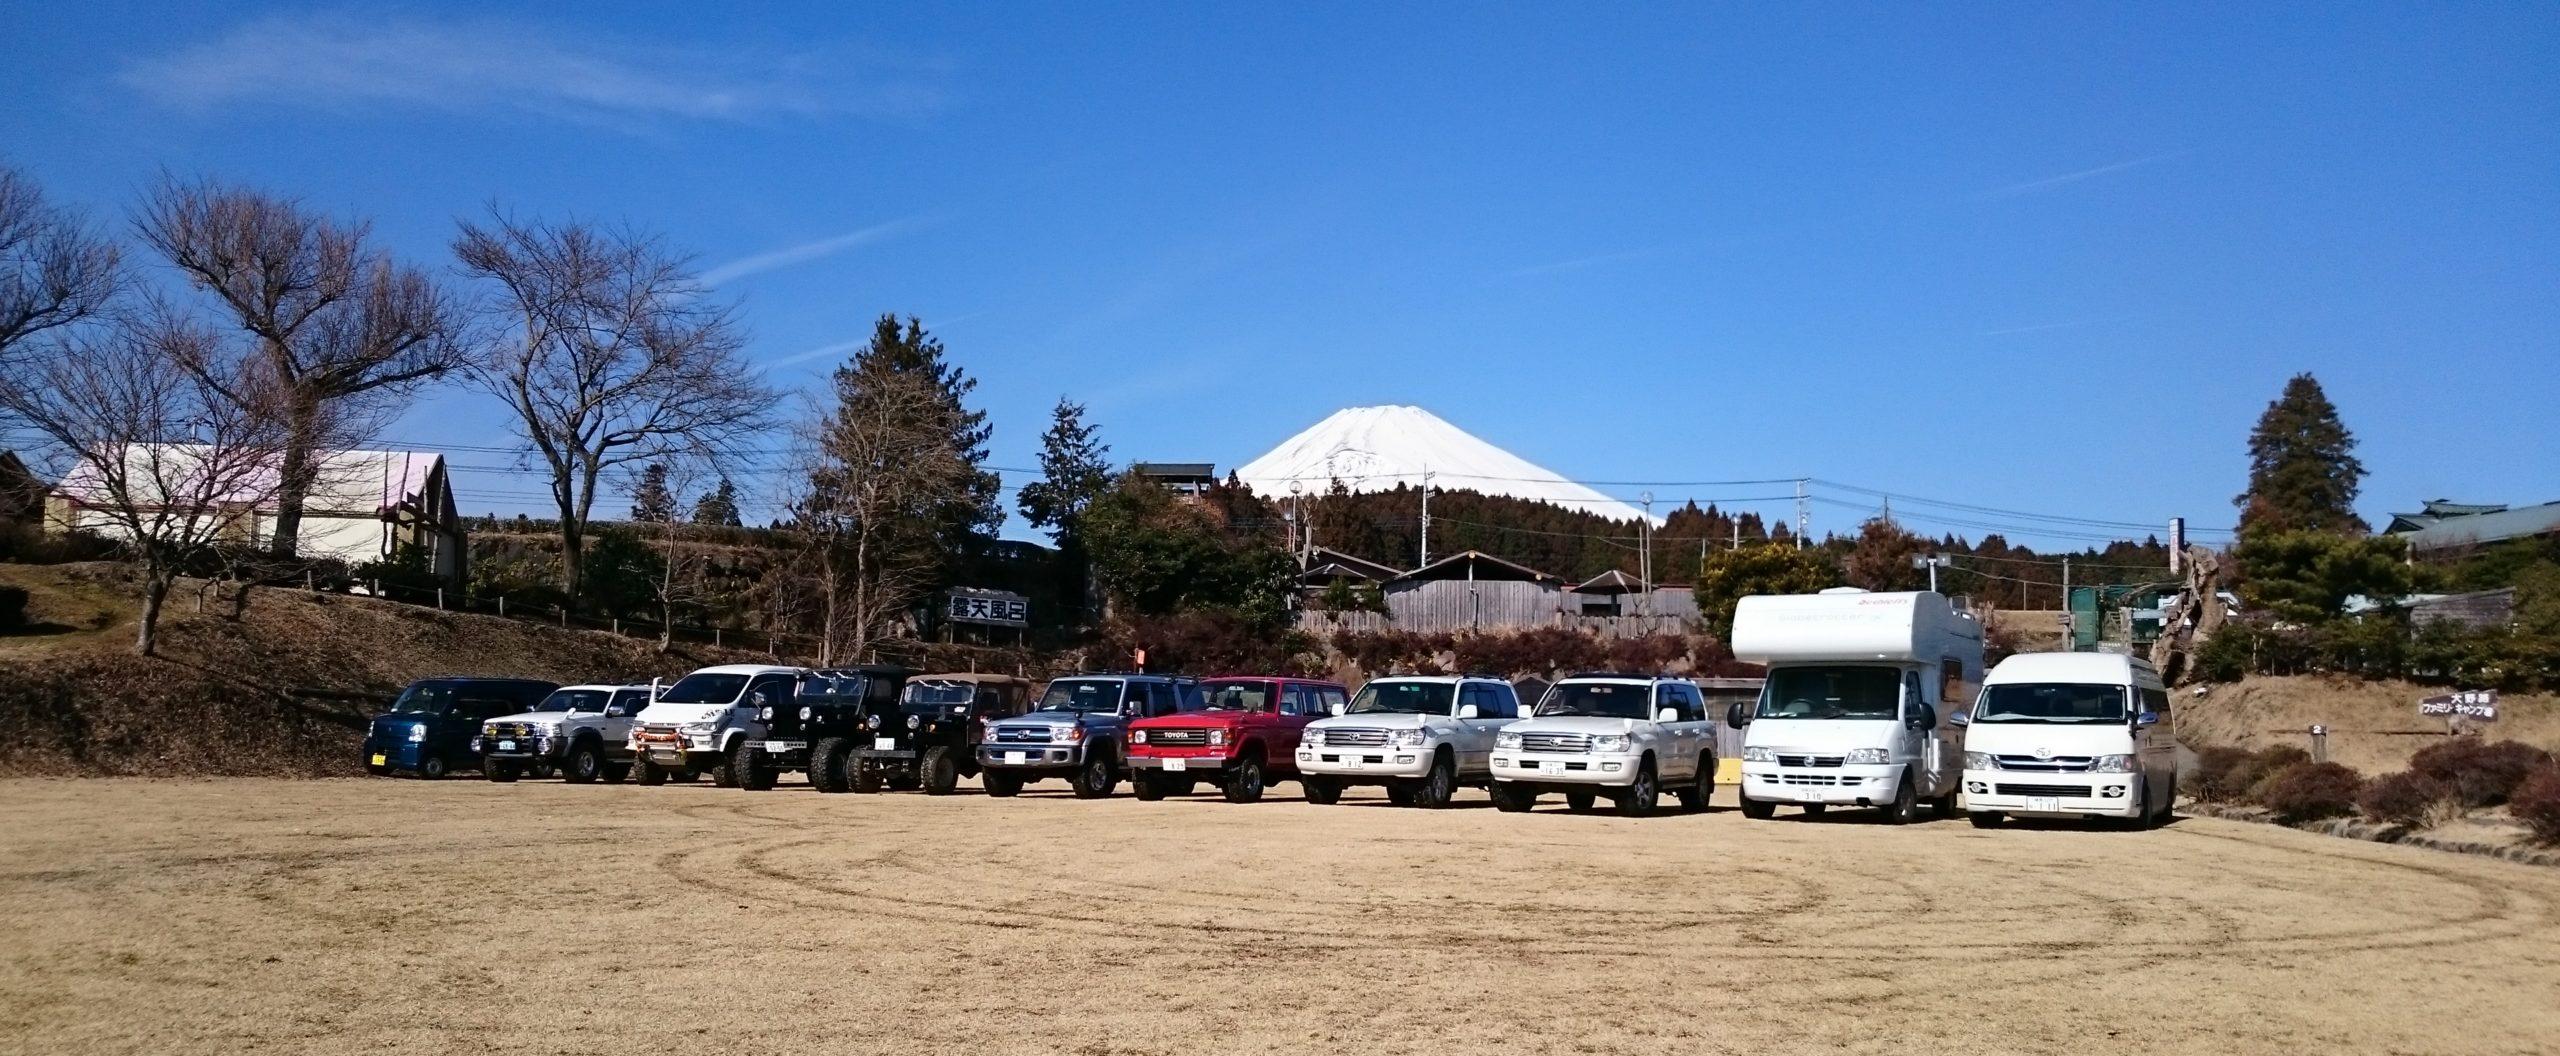 SUVで通じた仲間とファミリーでキャンプを楽しみませんか